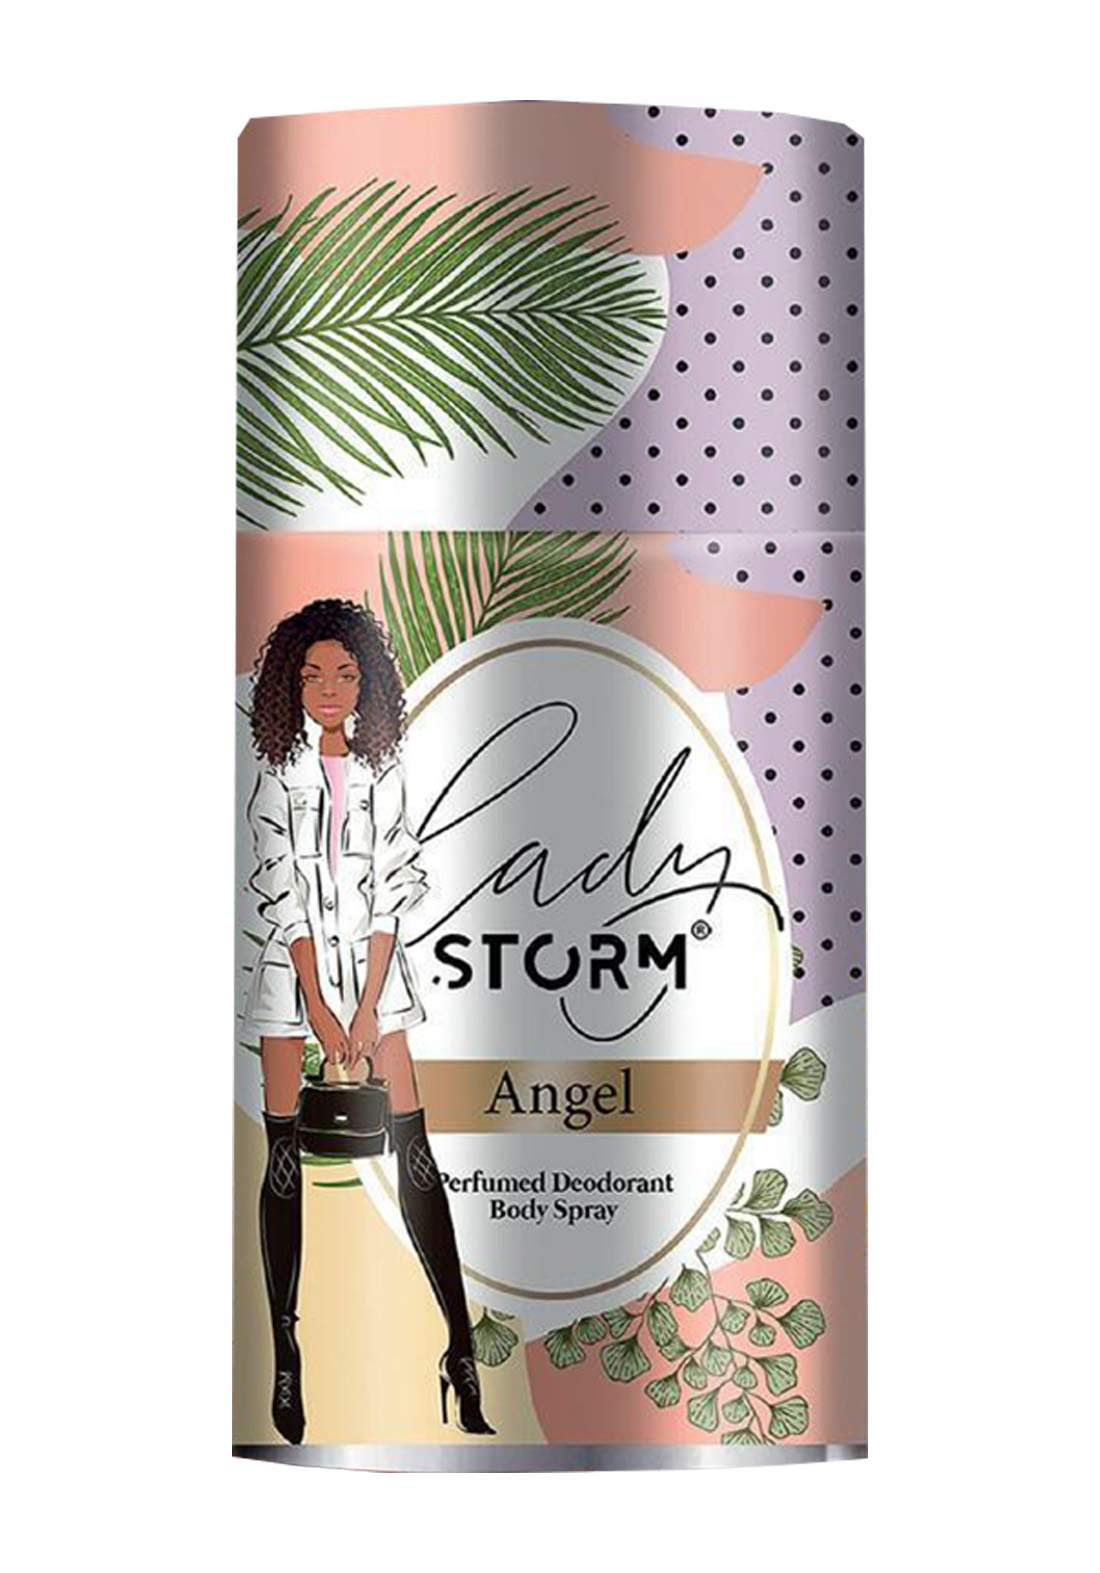 Storm Lady Perfumed Deodorant Body Spray -Angel 250ml  مزيل العرق للنساء